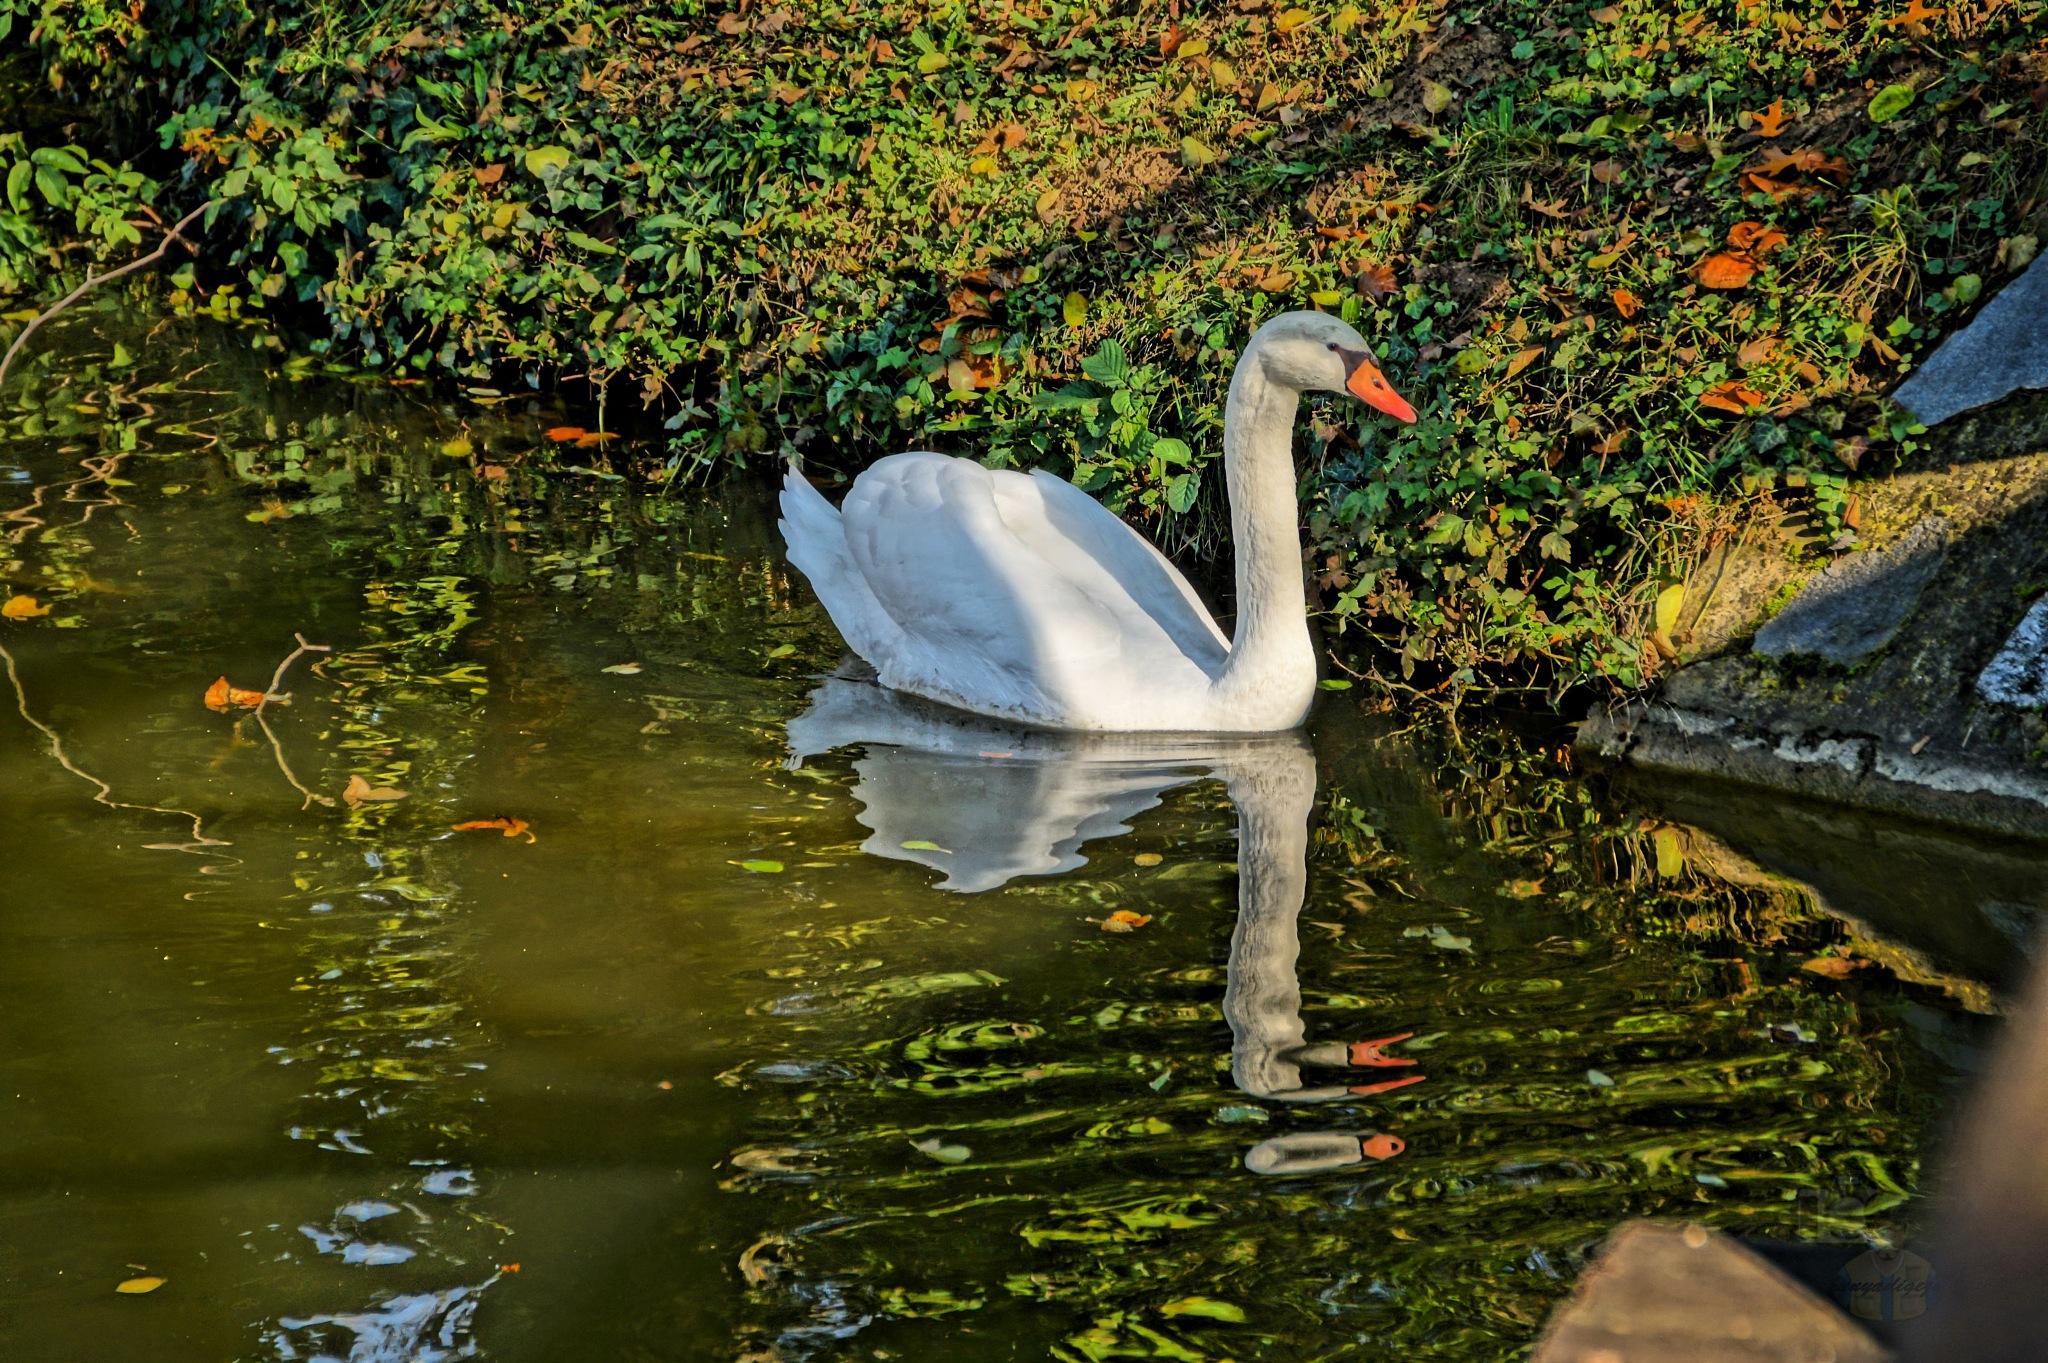 Oct.23, swan in park HDR by hunyadigeza